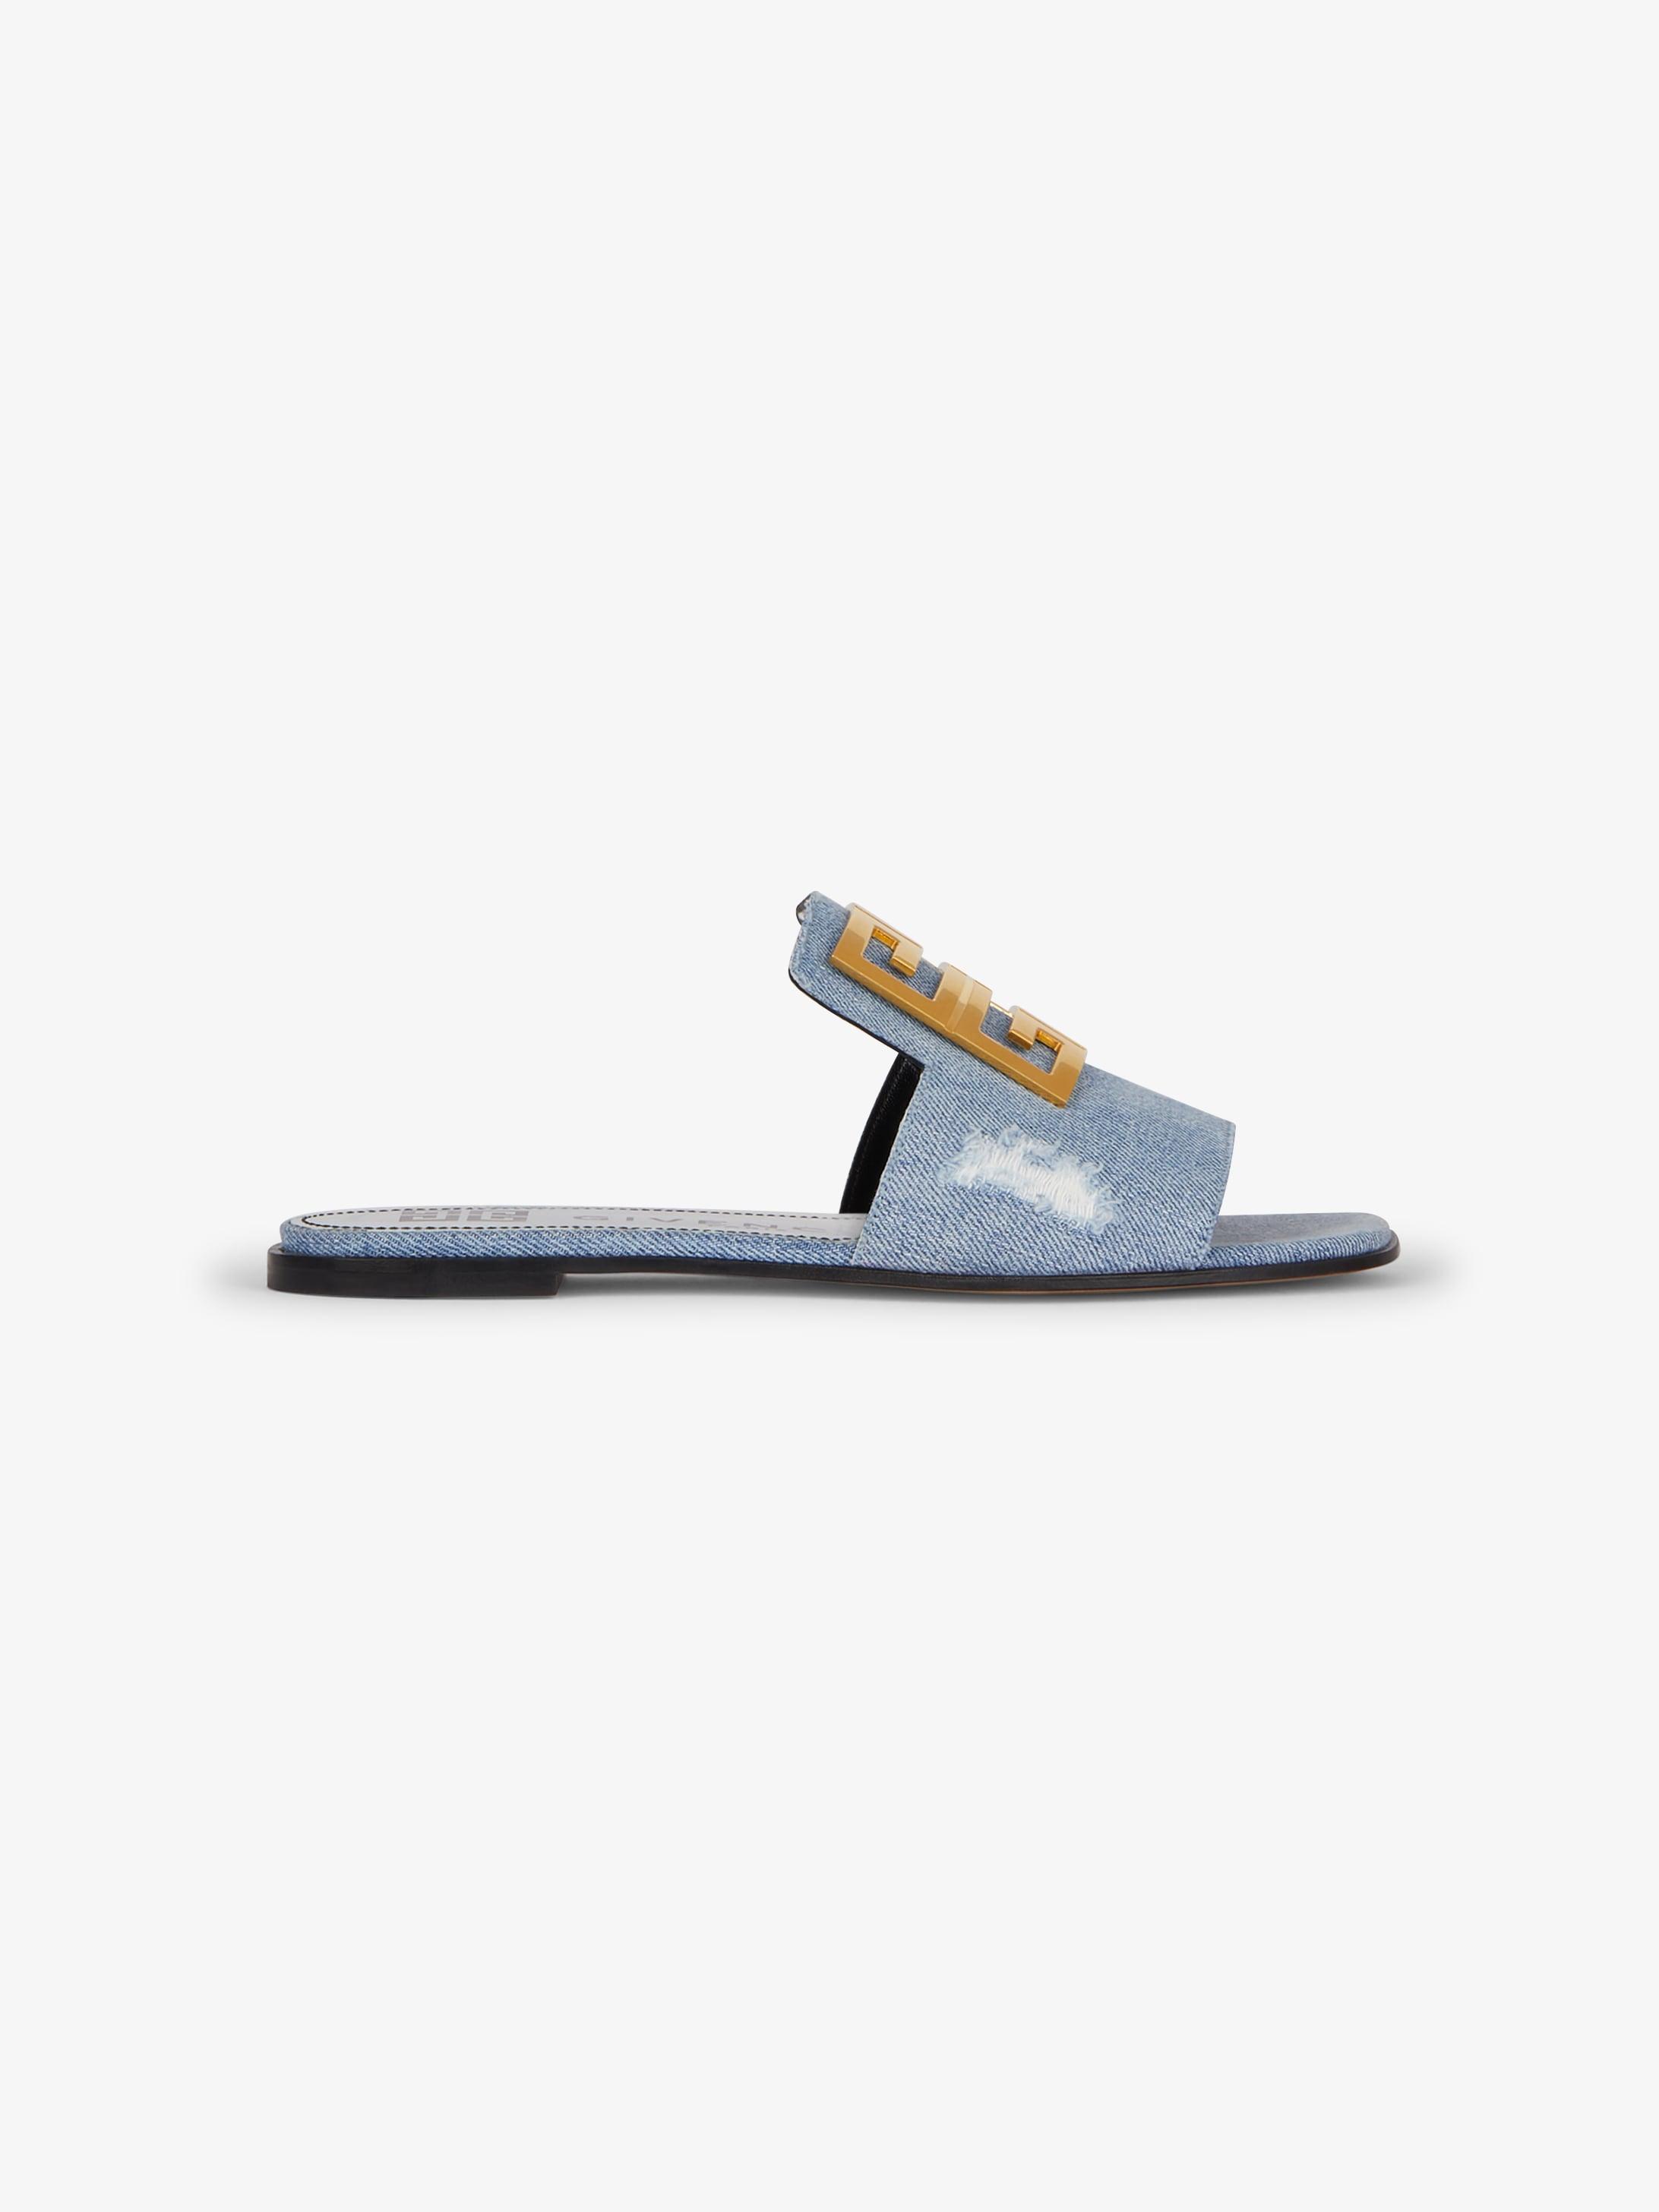 4 G sandals in destroyed denim